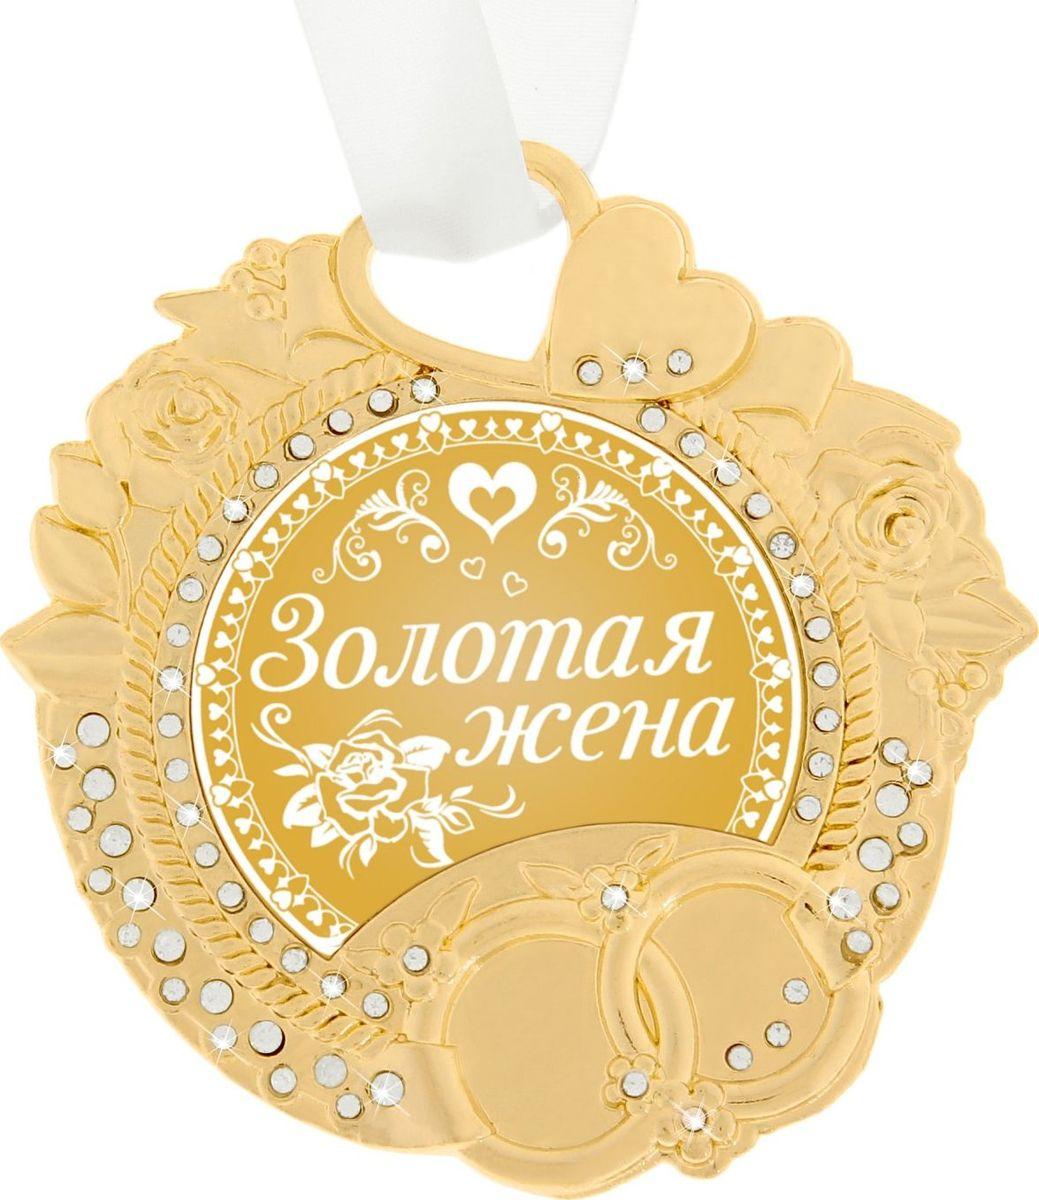 Медаль сувенирная Золотая жена, 8 х 8,5 см675406Медаль свадебная металл Зол. жена 8*8.5 см с романтическим дизайном в духе свадебного торжества- отличный сувенир как для молодоженов, так и для семейных пар, отмечающих годовщину бракосочетания. Металлическая медаль с гравировкой и теплым пожеланием на оборотной стороне инкрустирована стразами, хранится в удобной коробочке пастельных тонов с атласным подкладом. Такой подарок не оставит равнодушным даже самых взыскательных особ, ведь это память о самом счастливом дне в жизни.